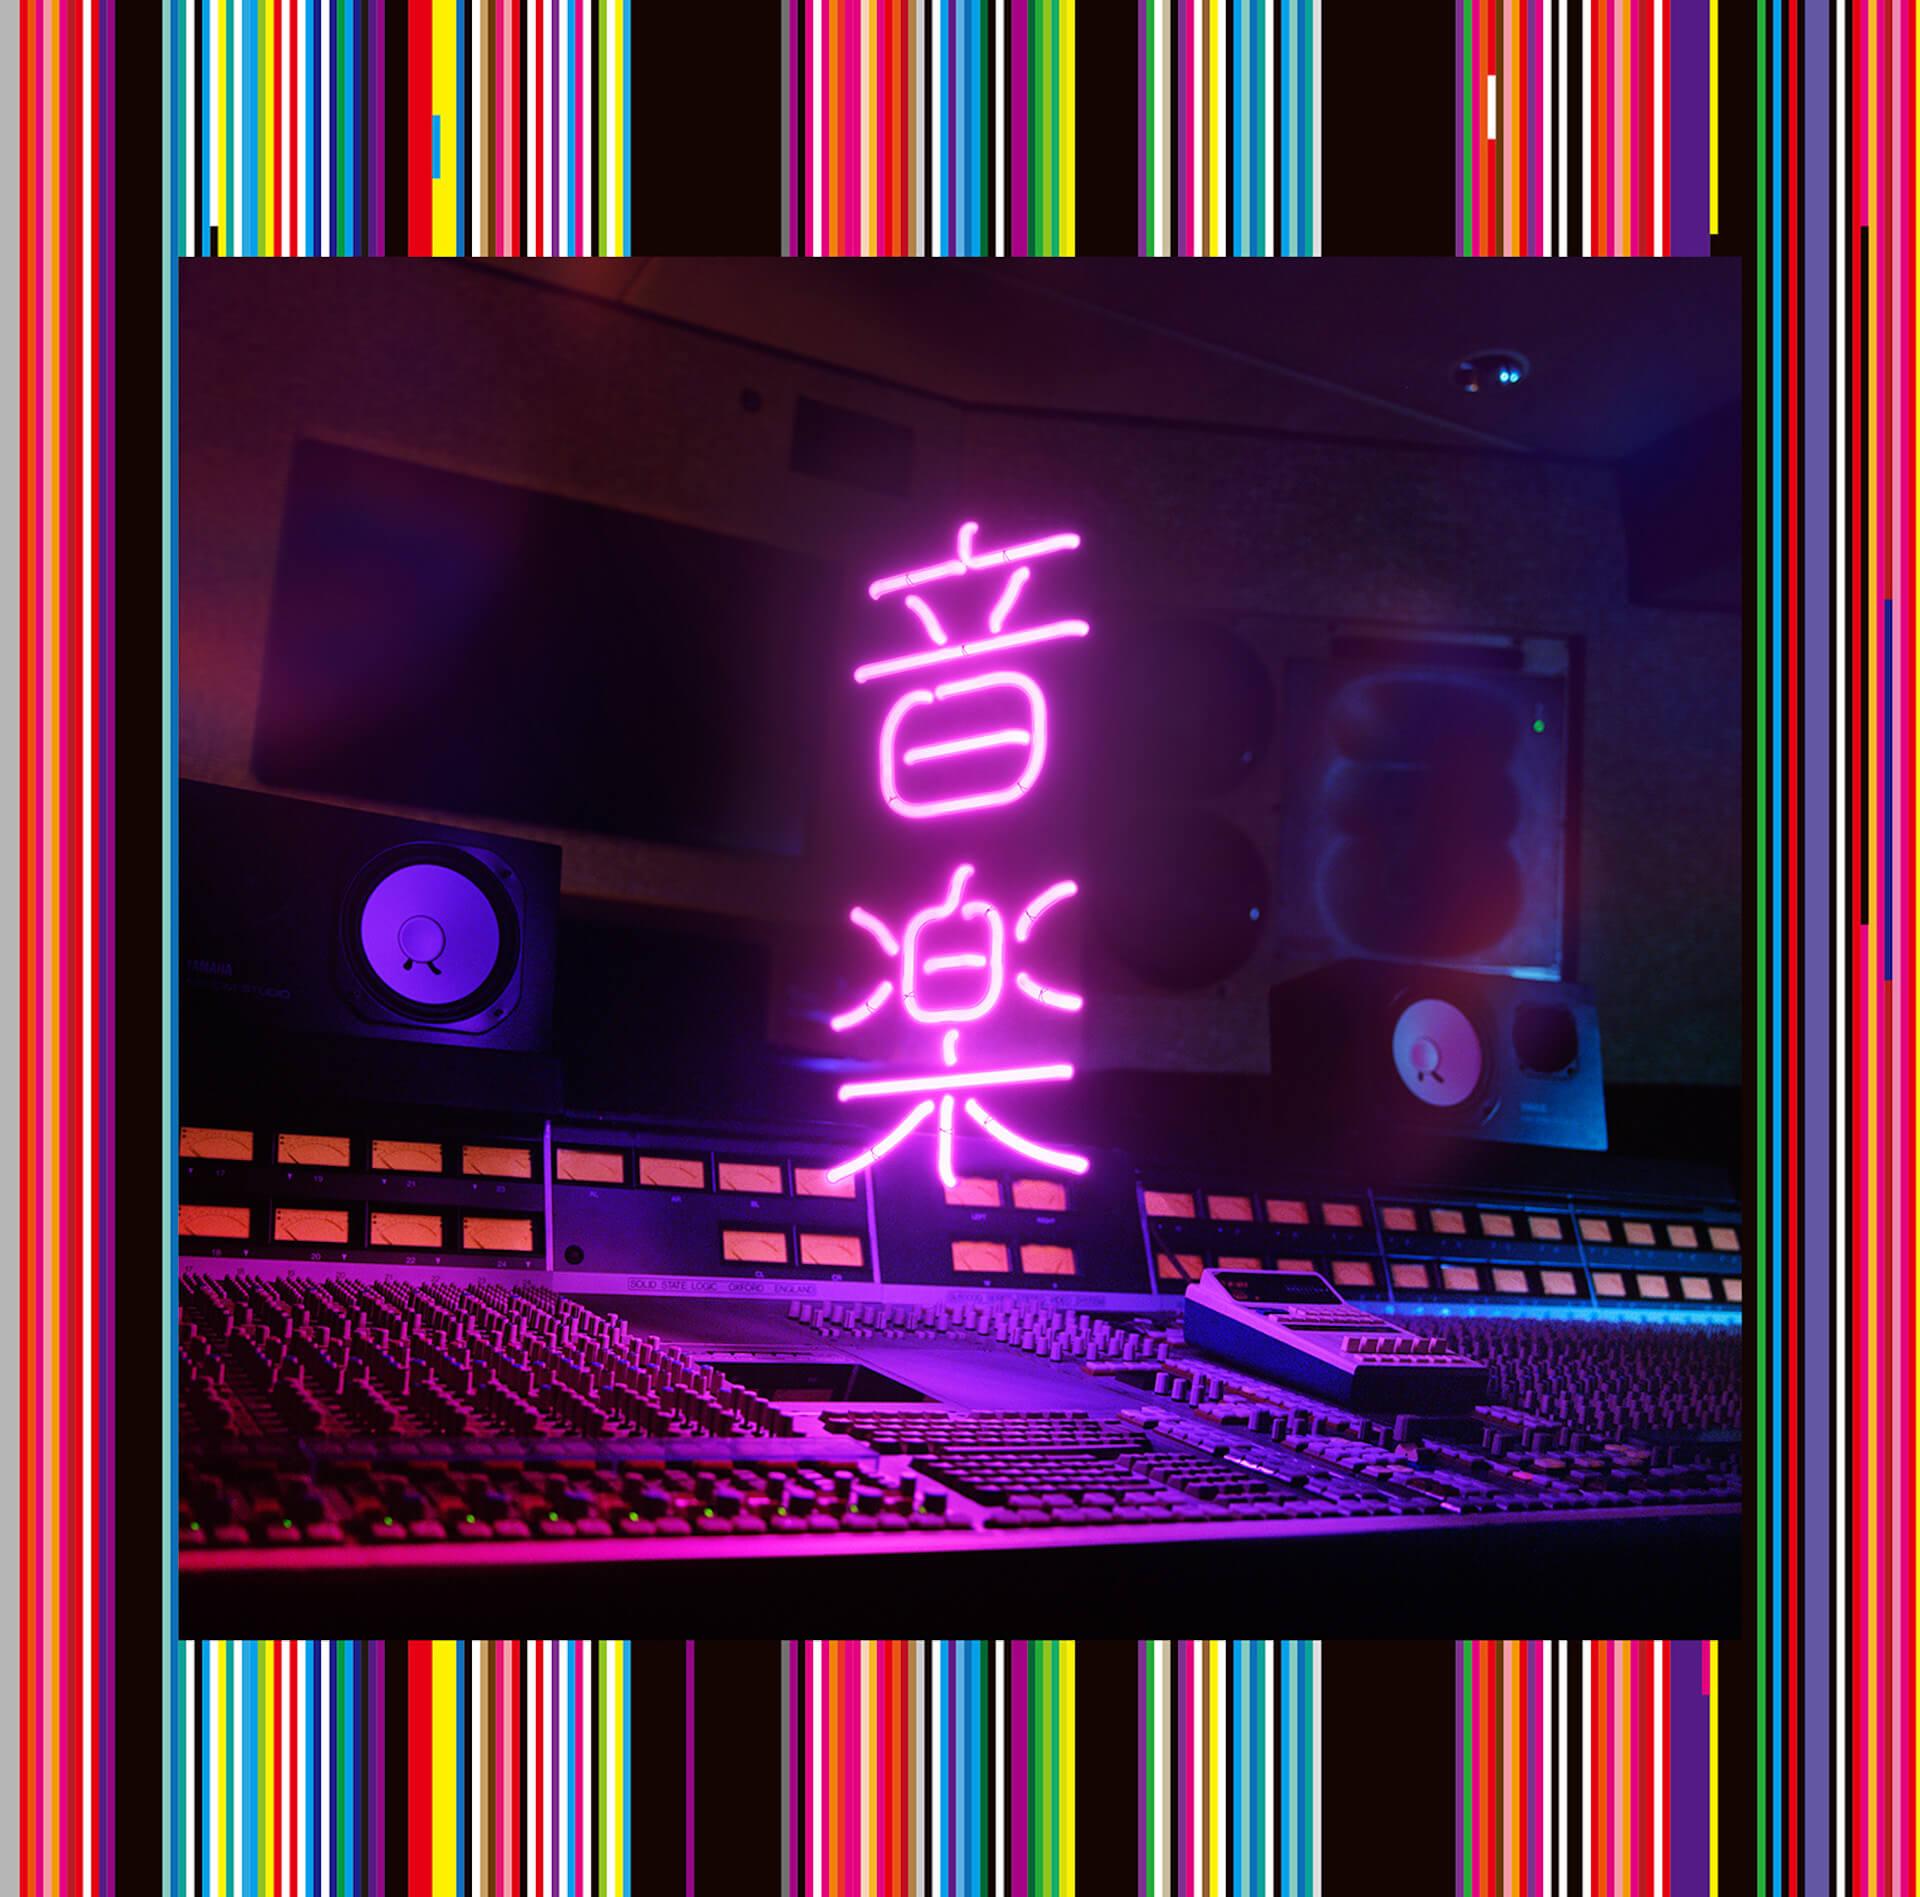 """東京事変がNHK『MUSIC SPECIAL』に出演決定!劇場版コナン主題歌""""永遠の不在証明""""など4曲をフルサイズでパフォーマンス music210531_tokyoincident_3"""